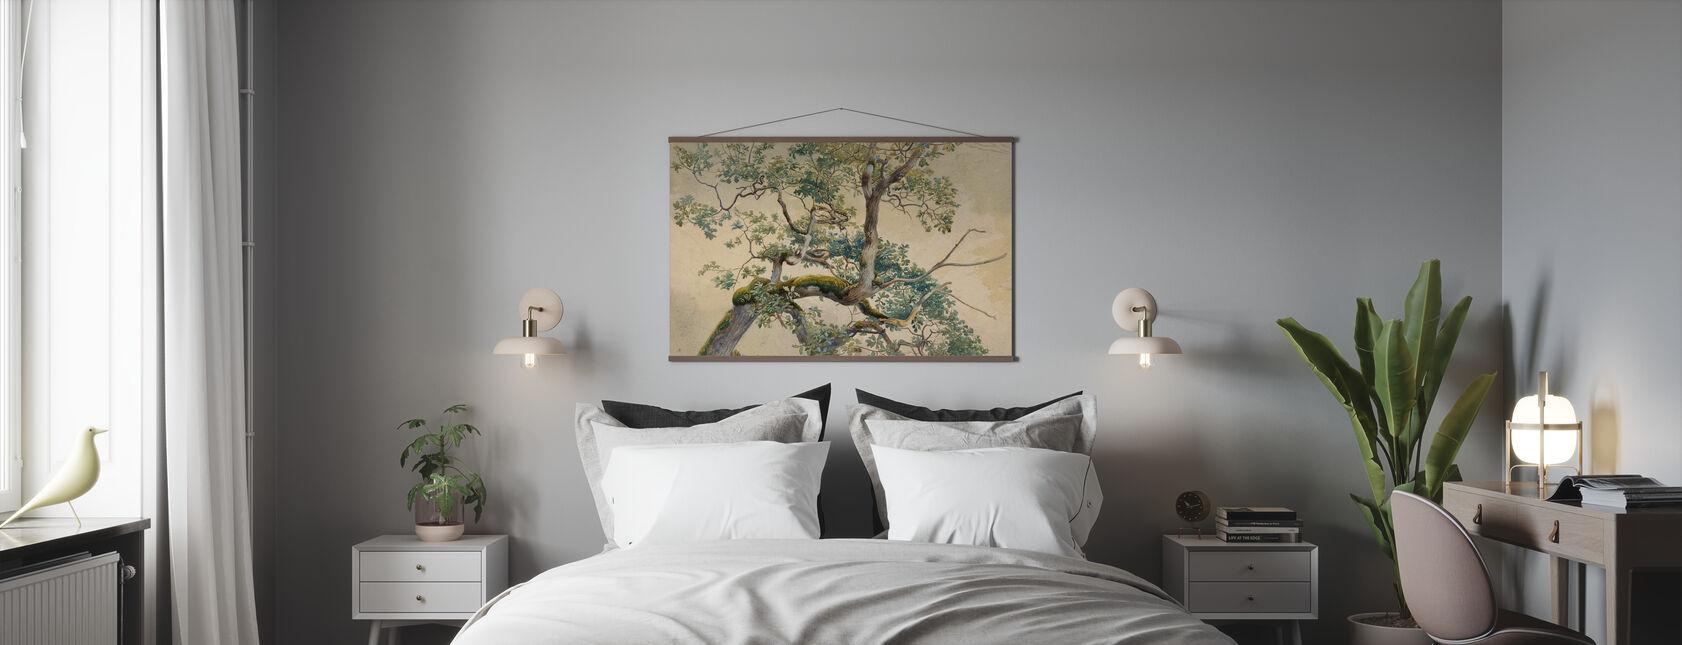 Baumzweig Kunst - Charles Reginald Aston - Poster - Schlafzimmer